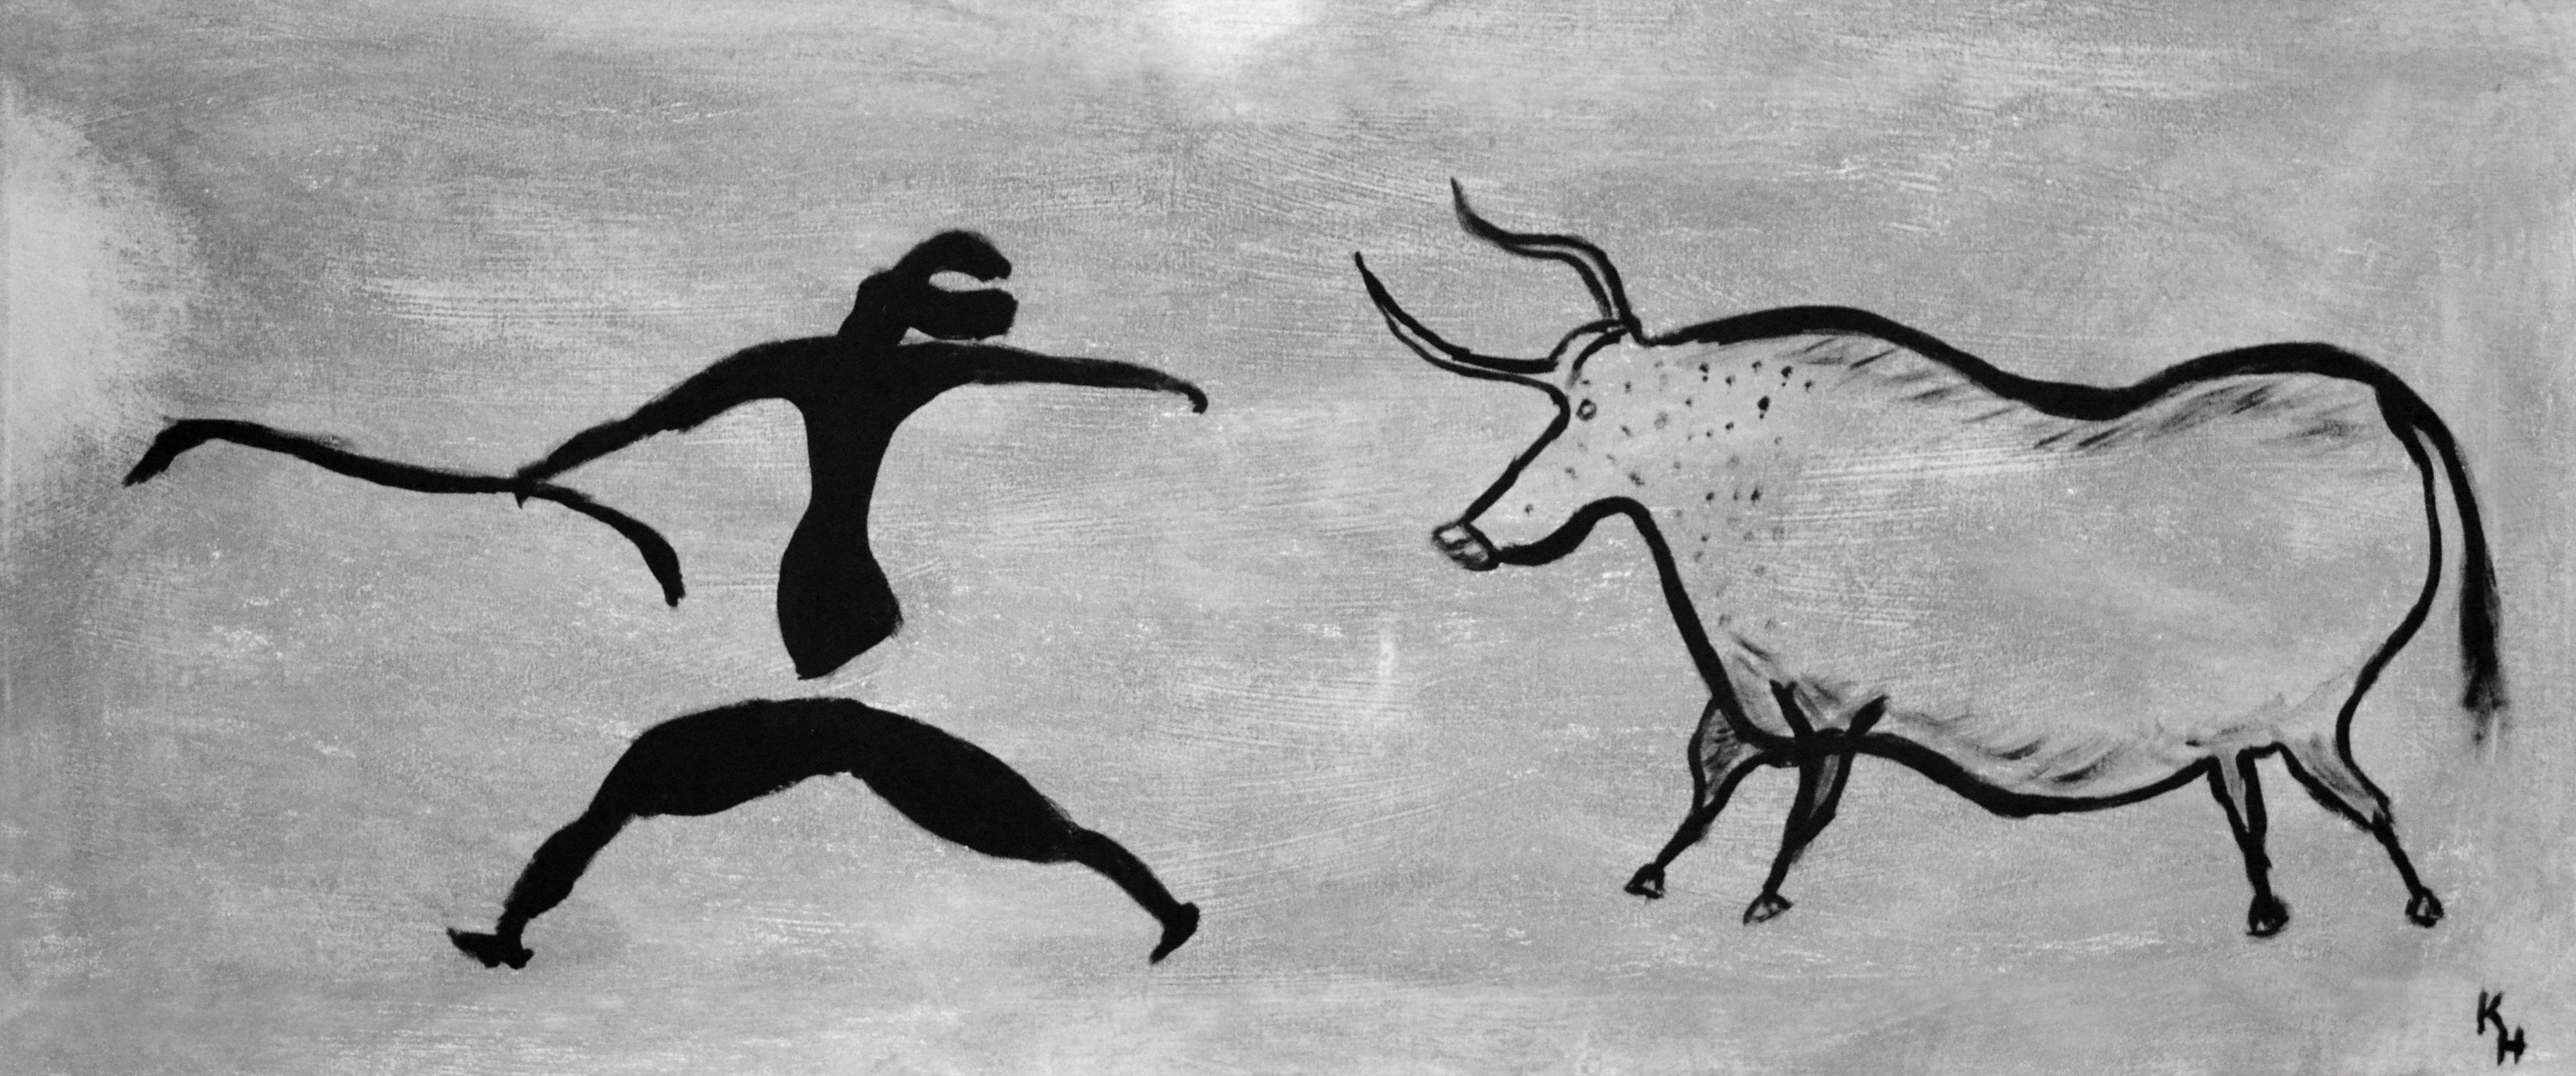 Gambar Abstrak Hitam Dan Putih Menjalankan Hewan Lengkungan